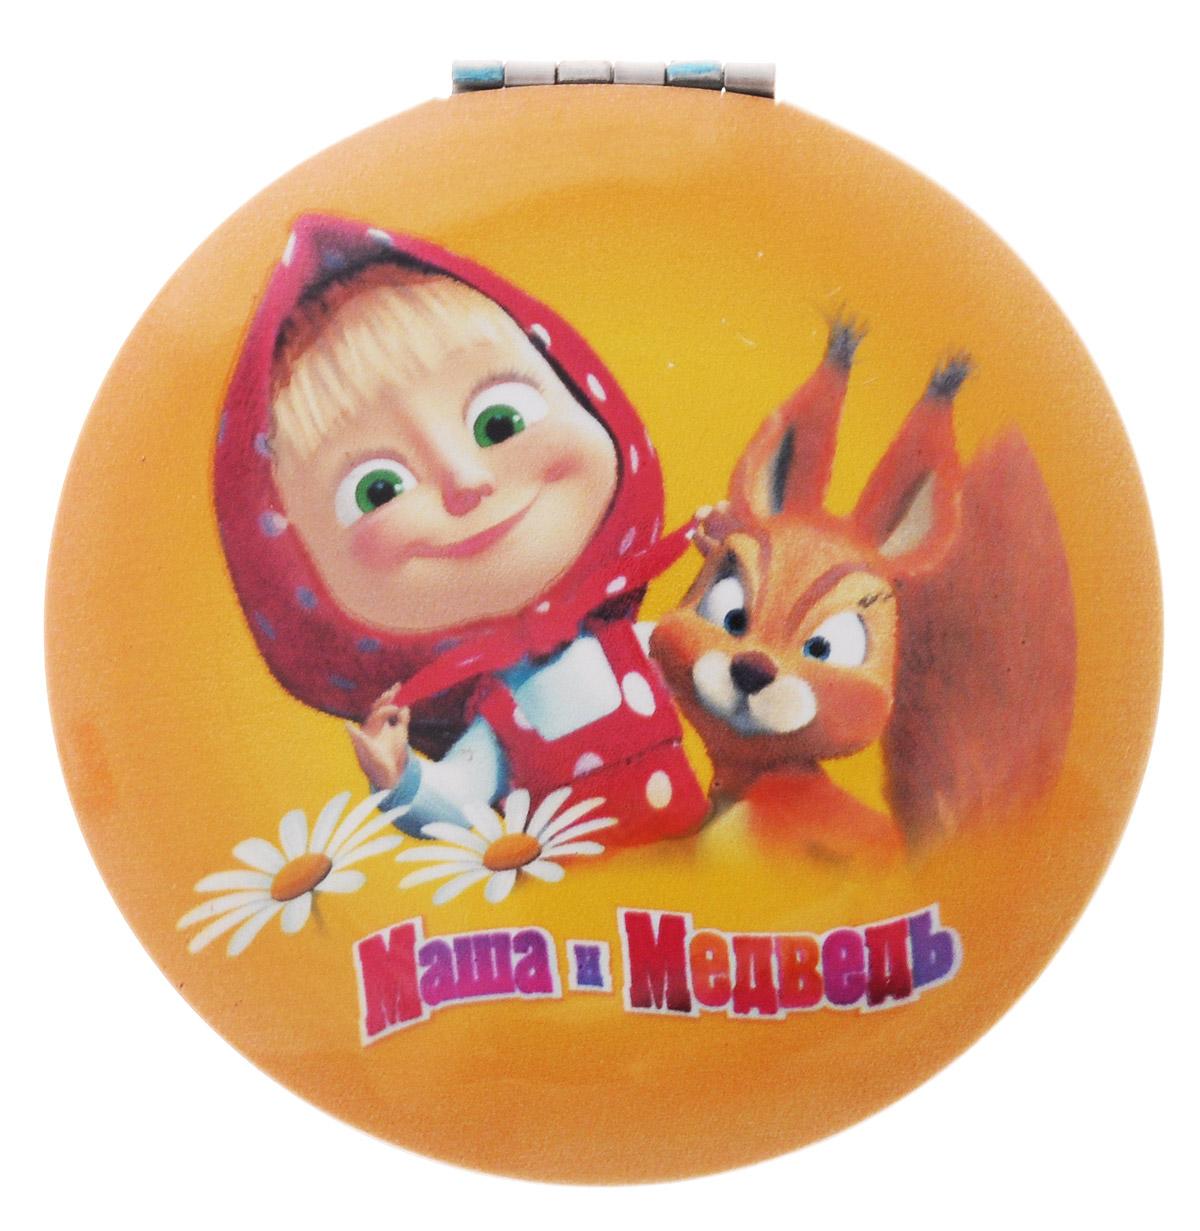 Маша и Медведь Зеркало карманноеKF1120Карманное зеркало Маша и Медведь, выполненное в круглом пластиковом корпусе, декорировано изображением главной героини мультфильма Маша и Медведь - Маши и белочки.Такое зеркало станет отличным подарком маленькой представительнице прекрасного пола, ведь даже самая маленькая леди обязательно вместит в свою сумочку миниатюрное зеркальце - атрибут каждой модницы.